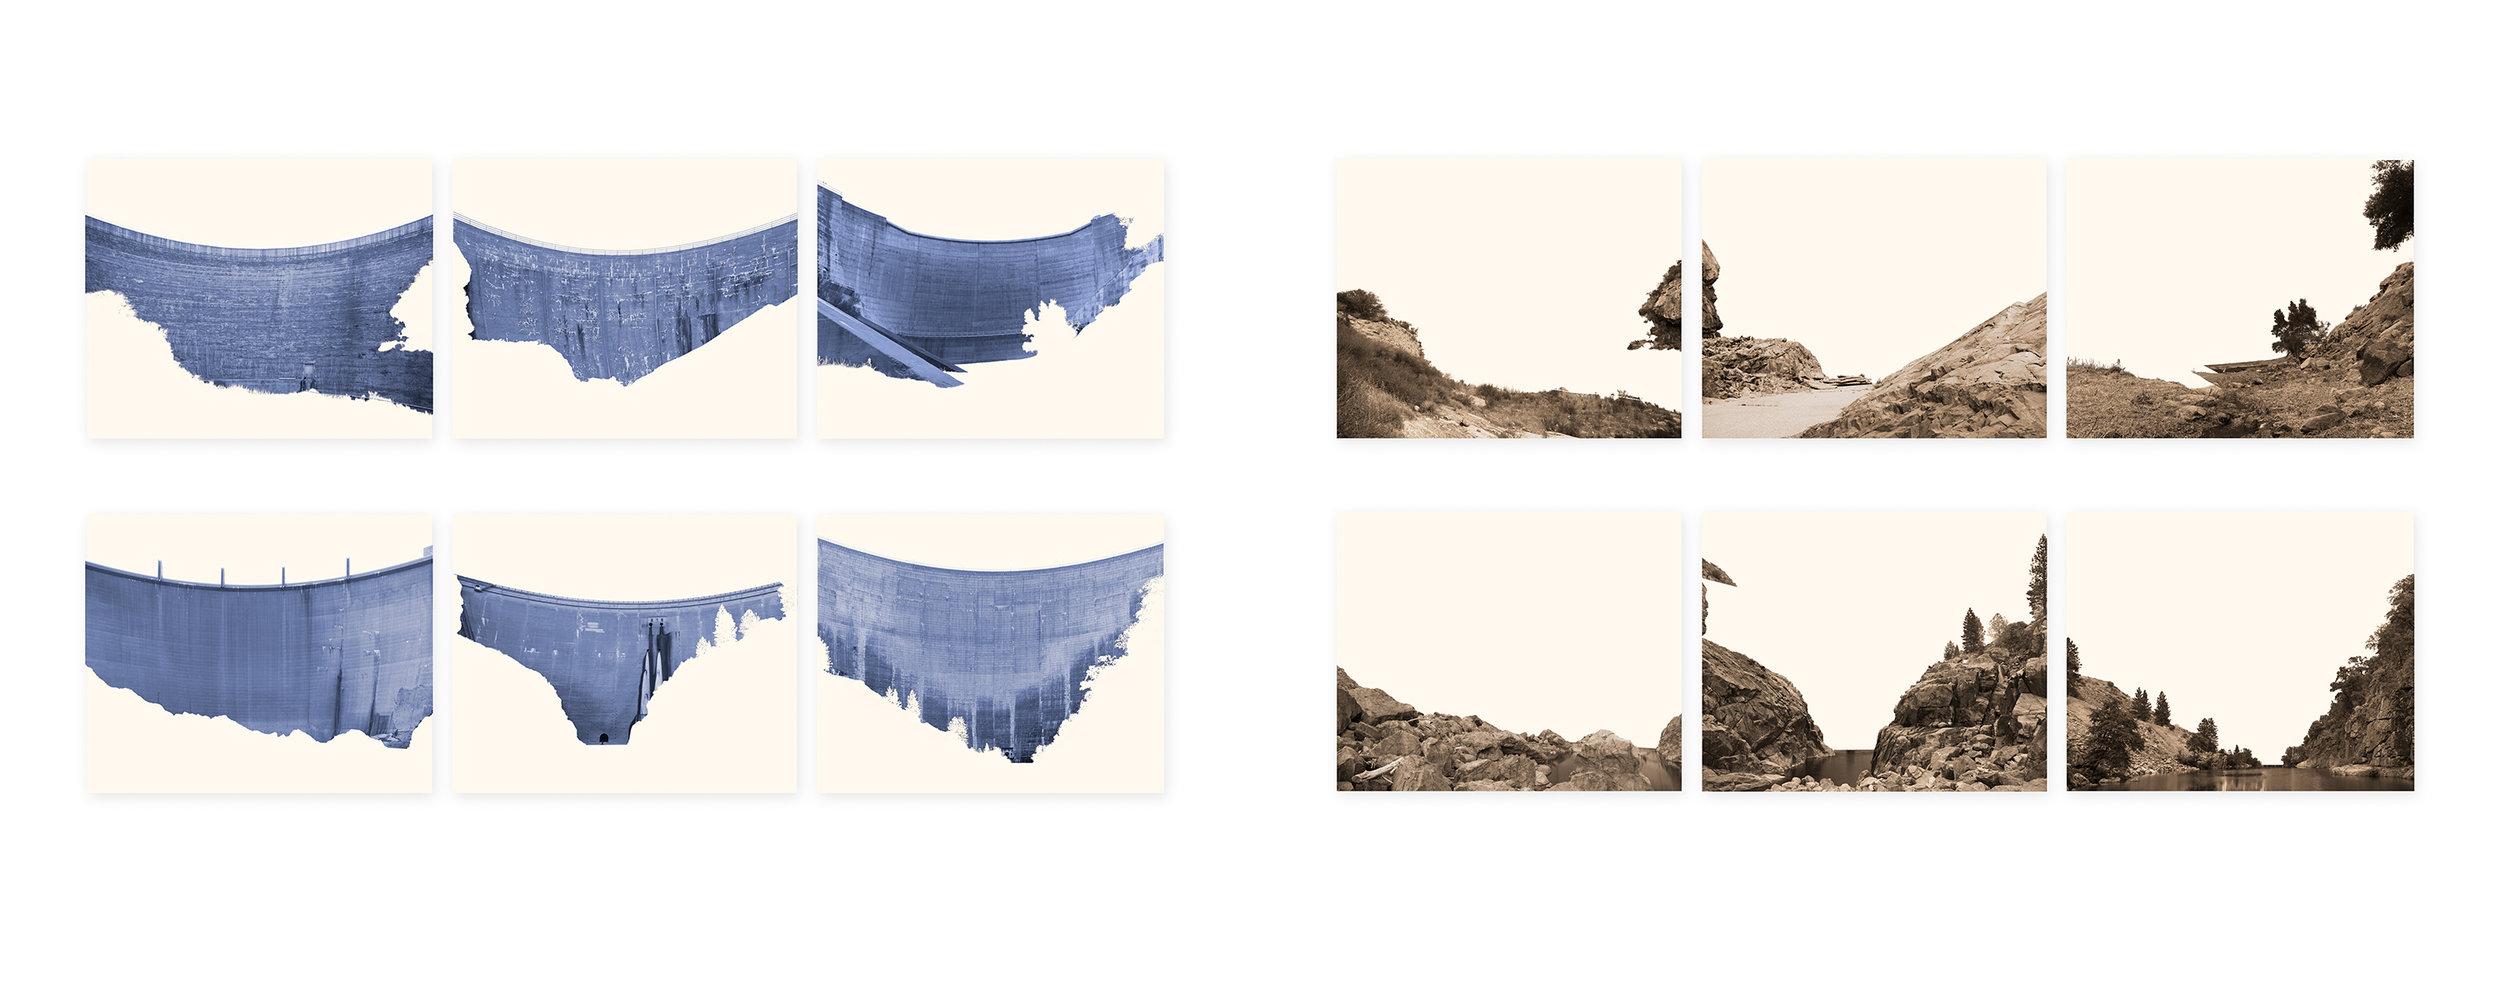 Dams & Valleys